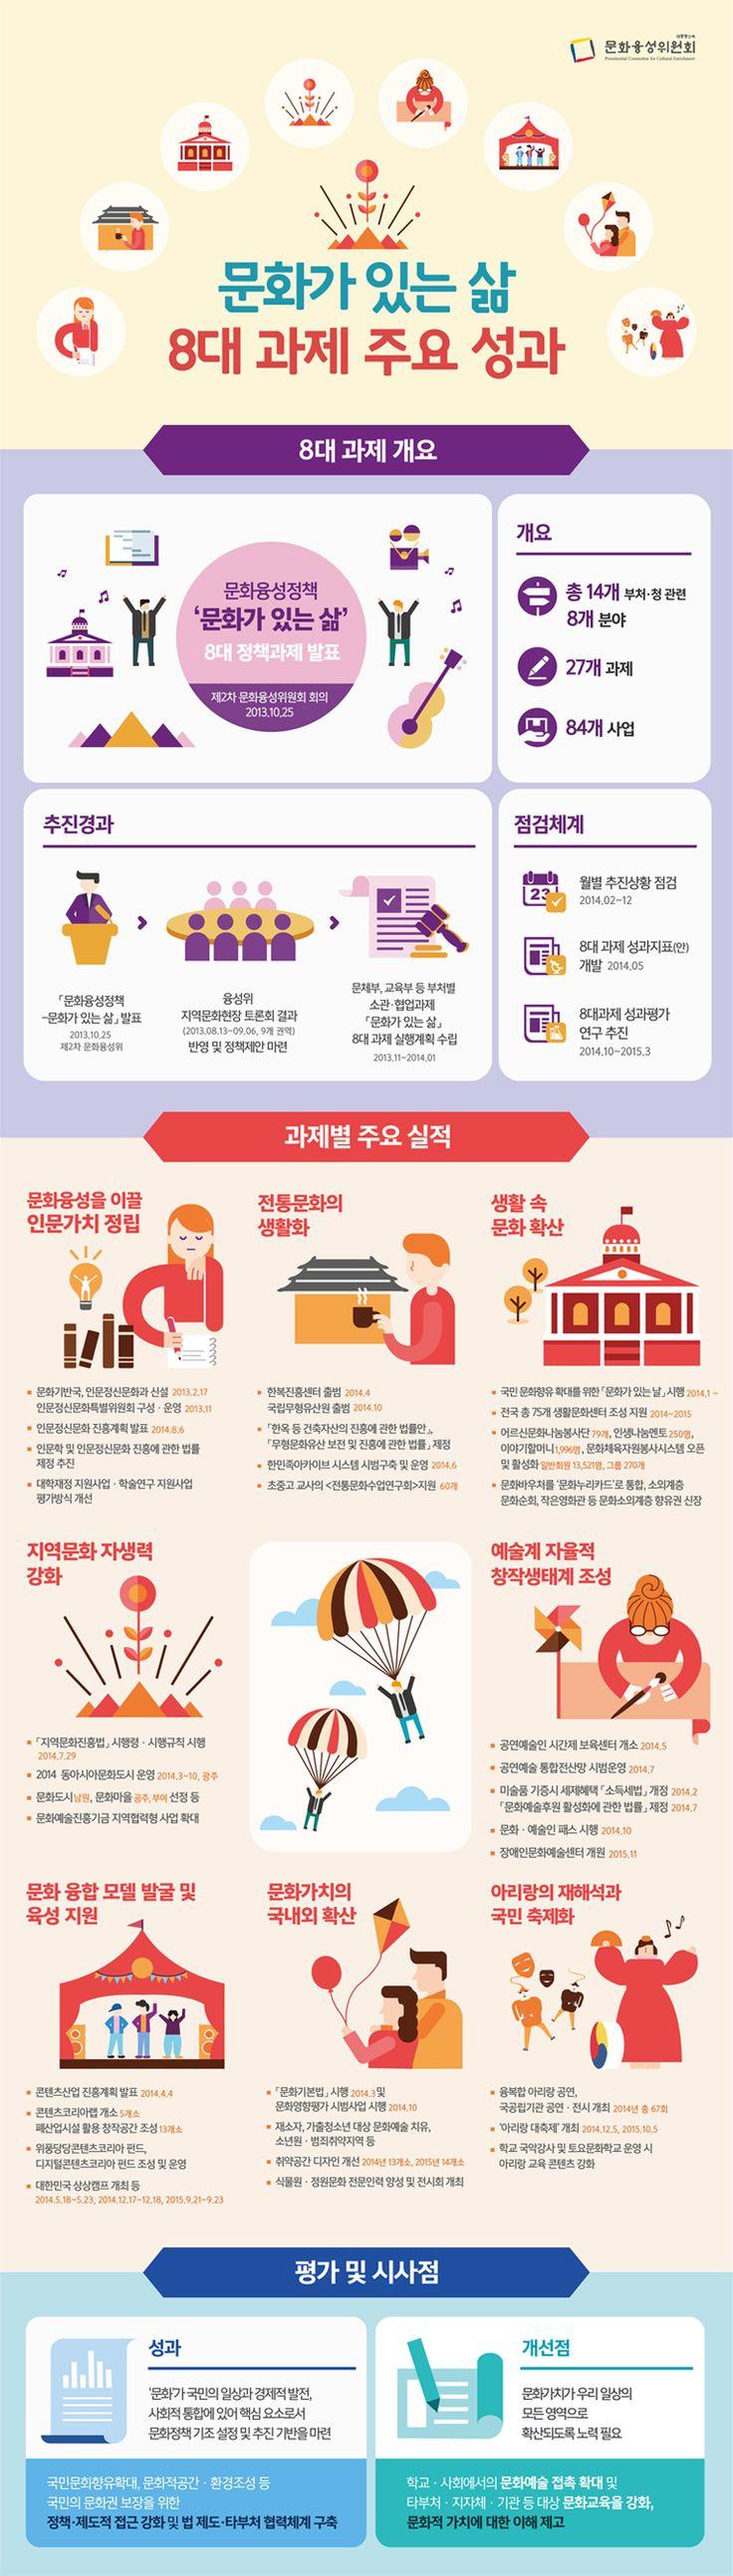 [문화융성위원회] '문화가 있는 삶' 8대 과제 주요 성과 인포그래픽